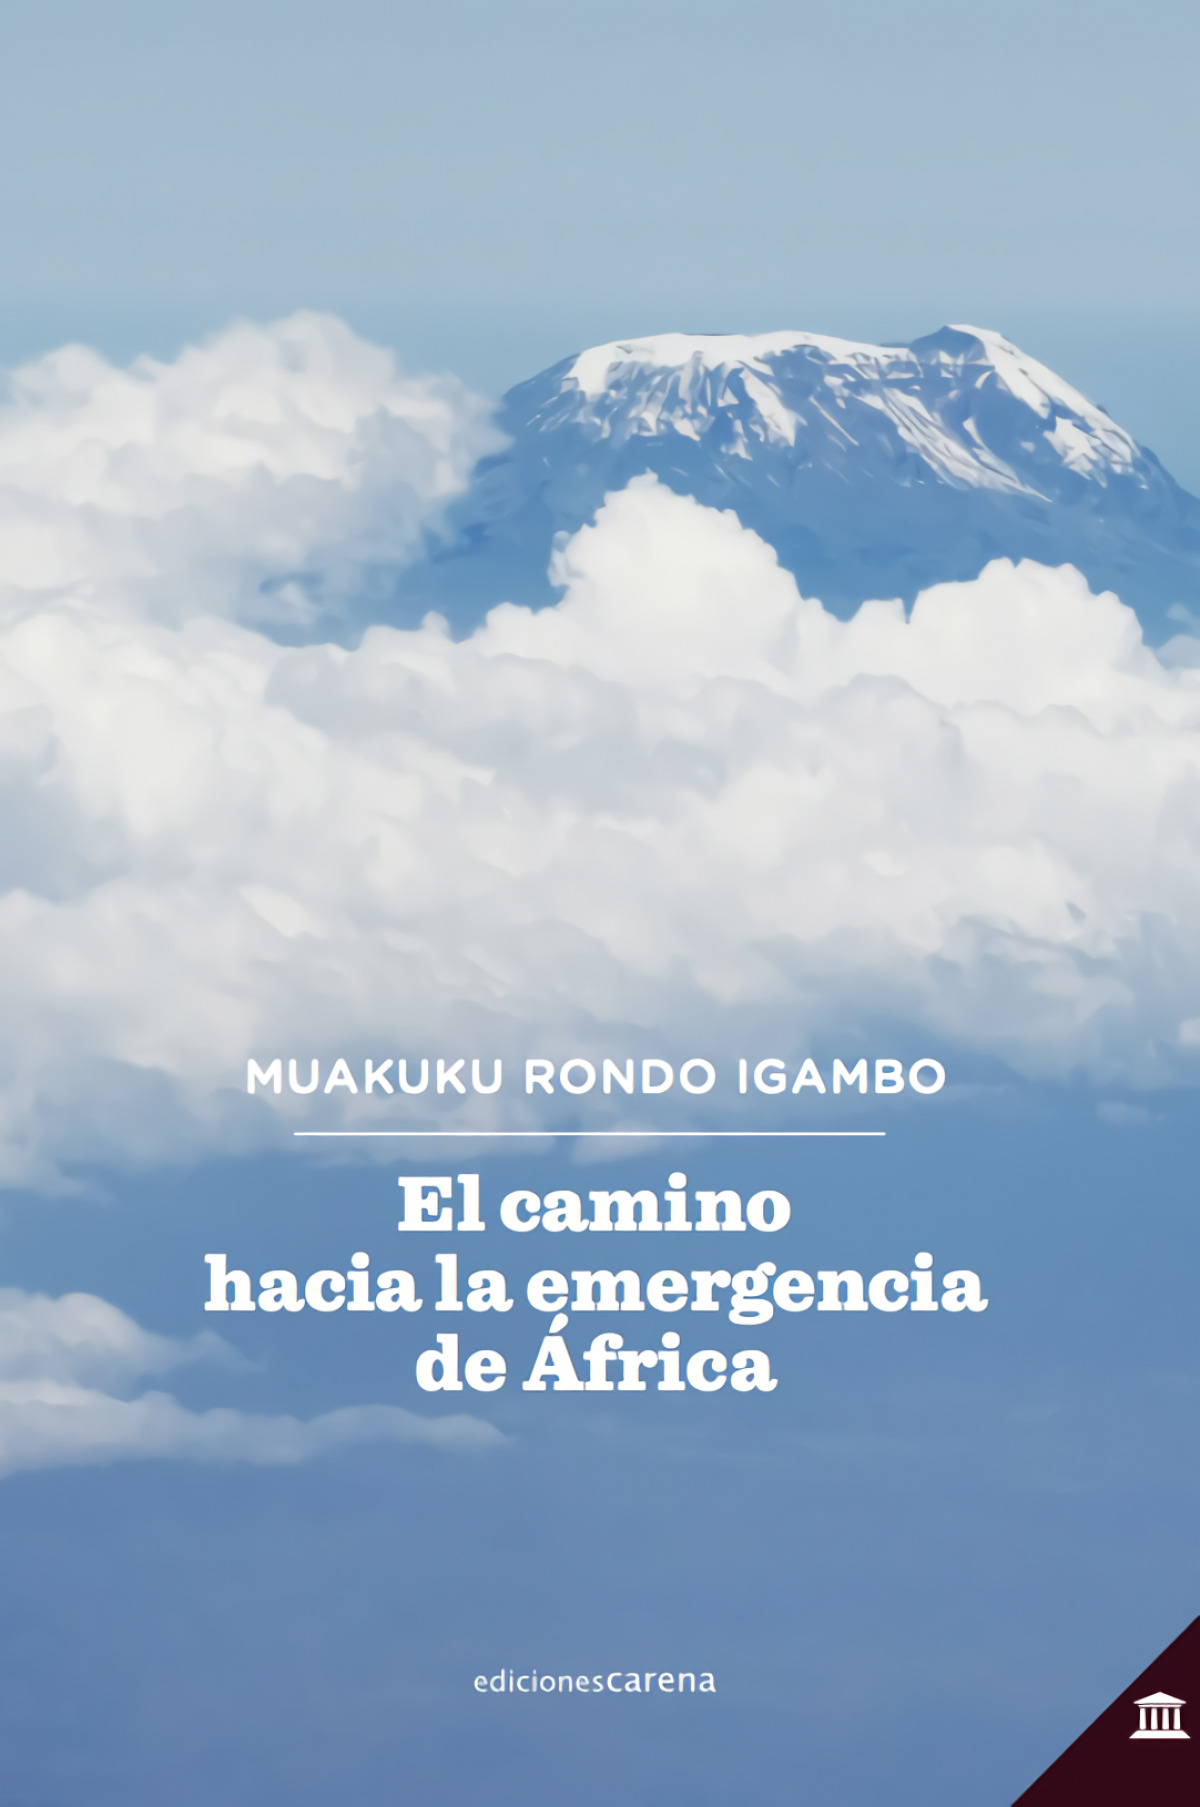 El camino hacia la emergencia de África